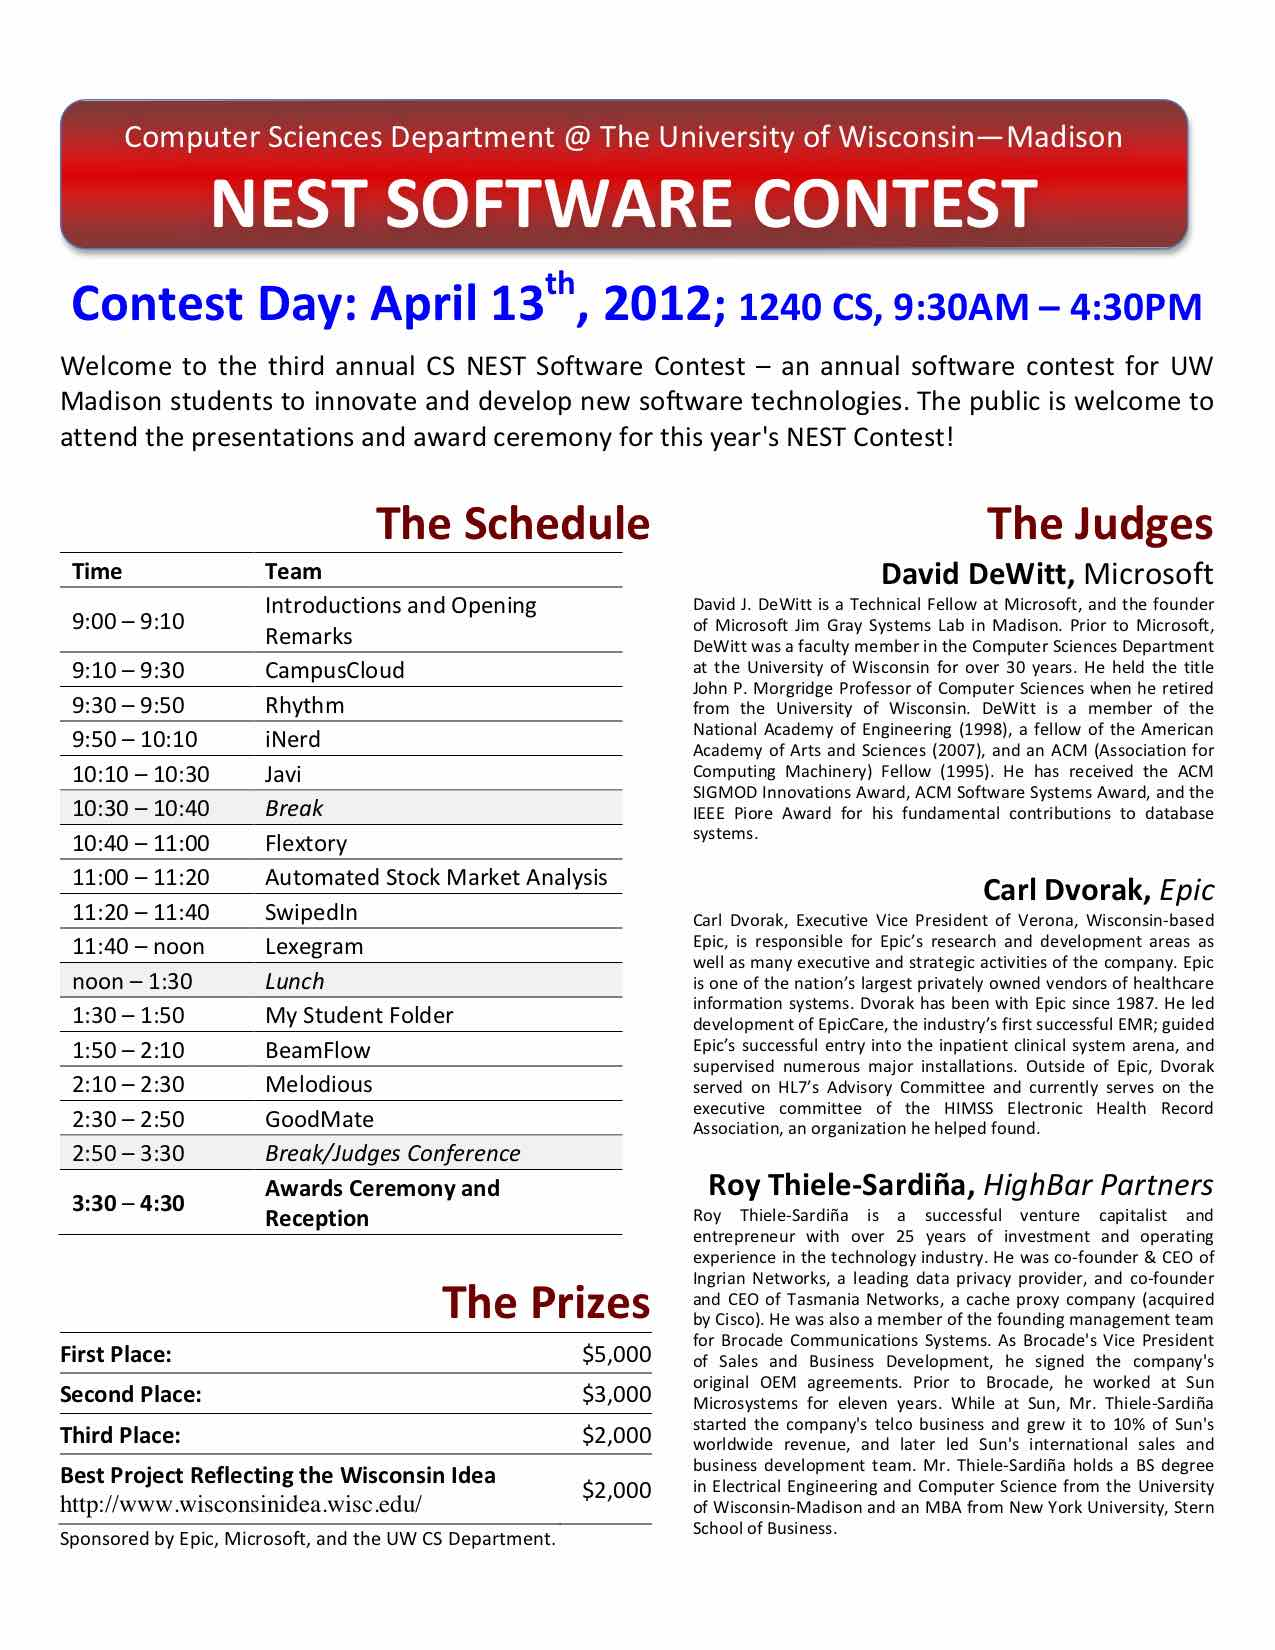 NEST_2011-12-flyer.jpg